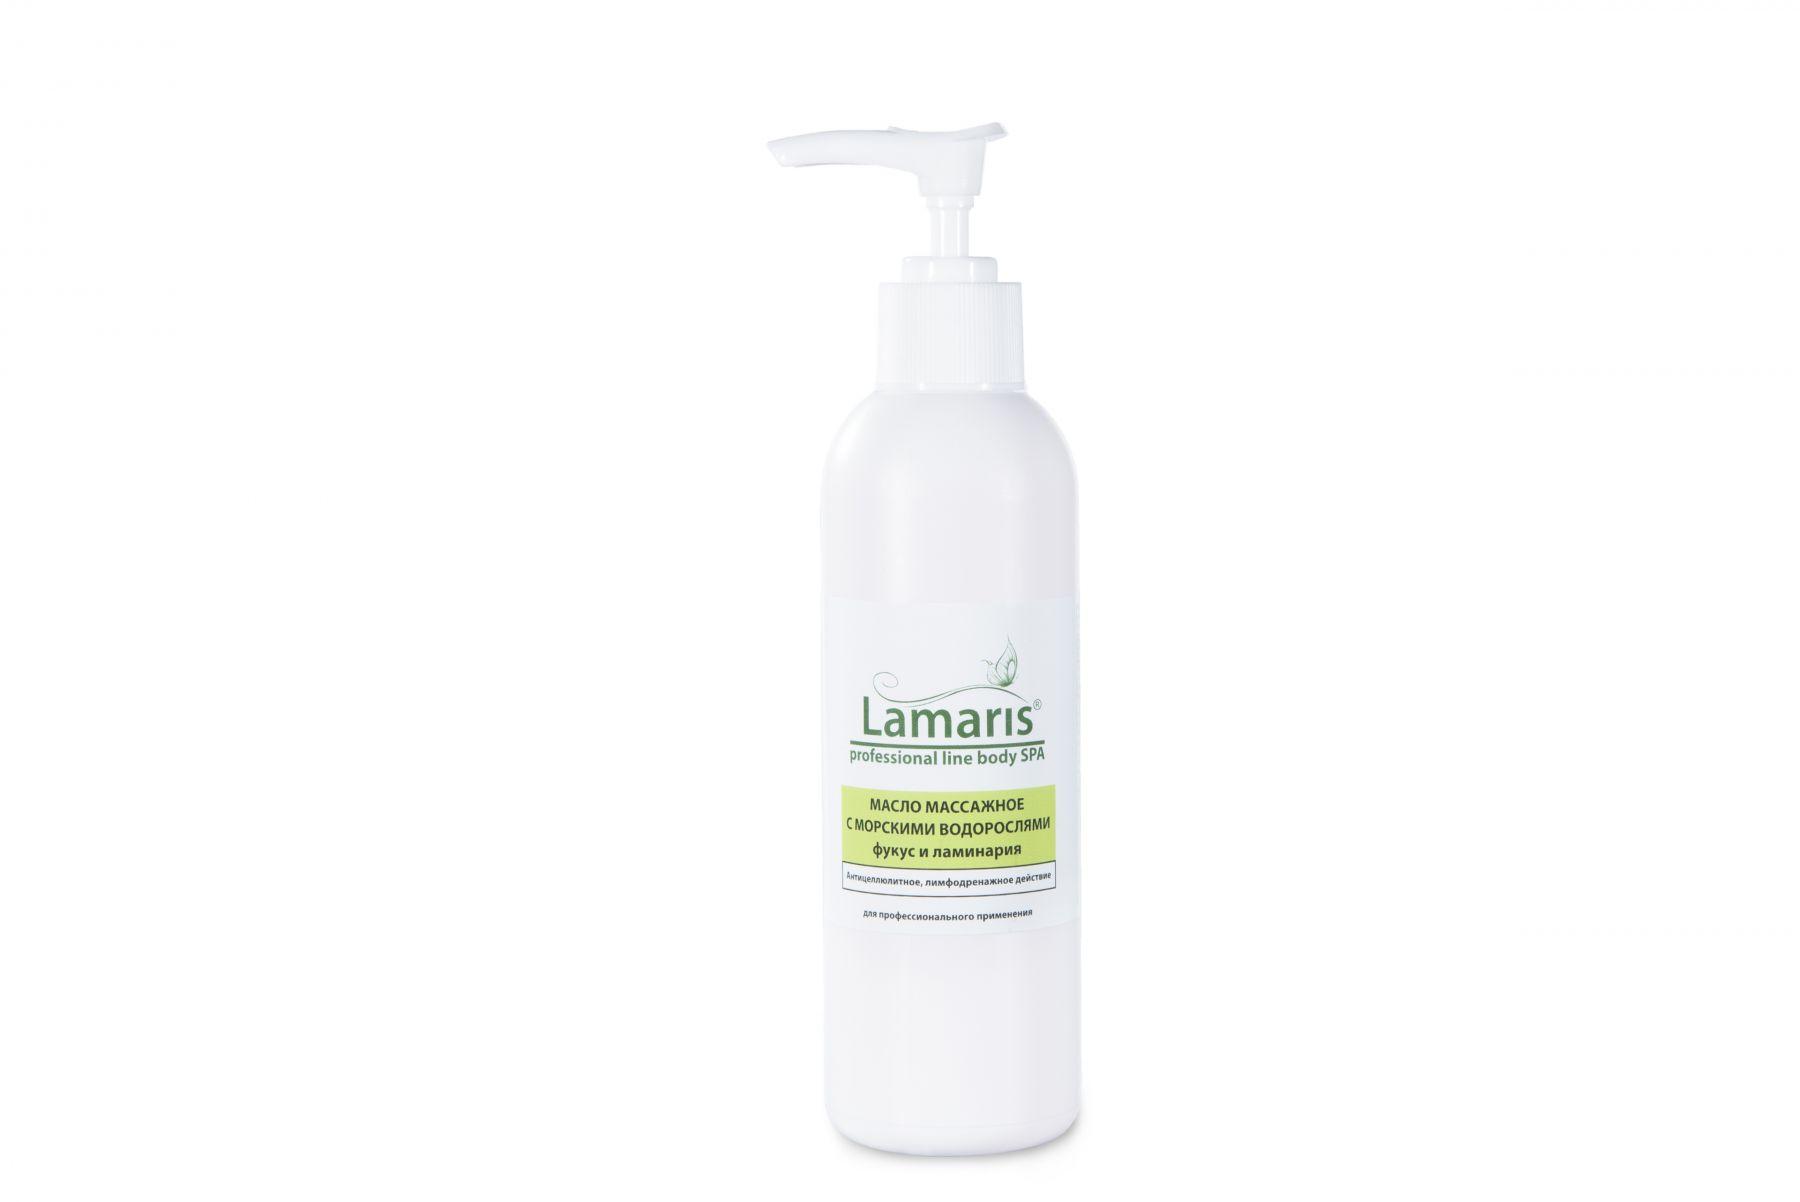 Массажное масло с морскими водорослями фукус и ламинария Lamaris - 200, 500 мл